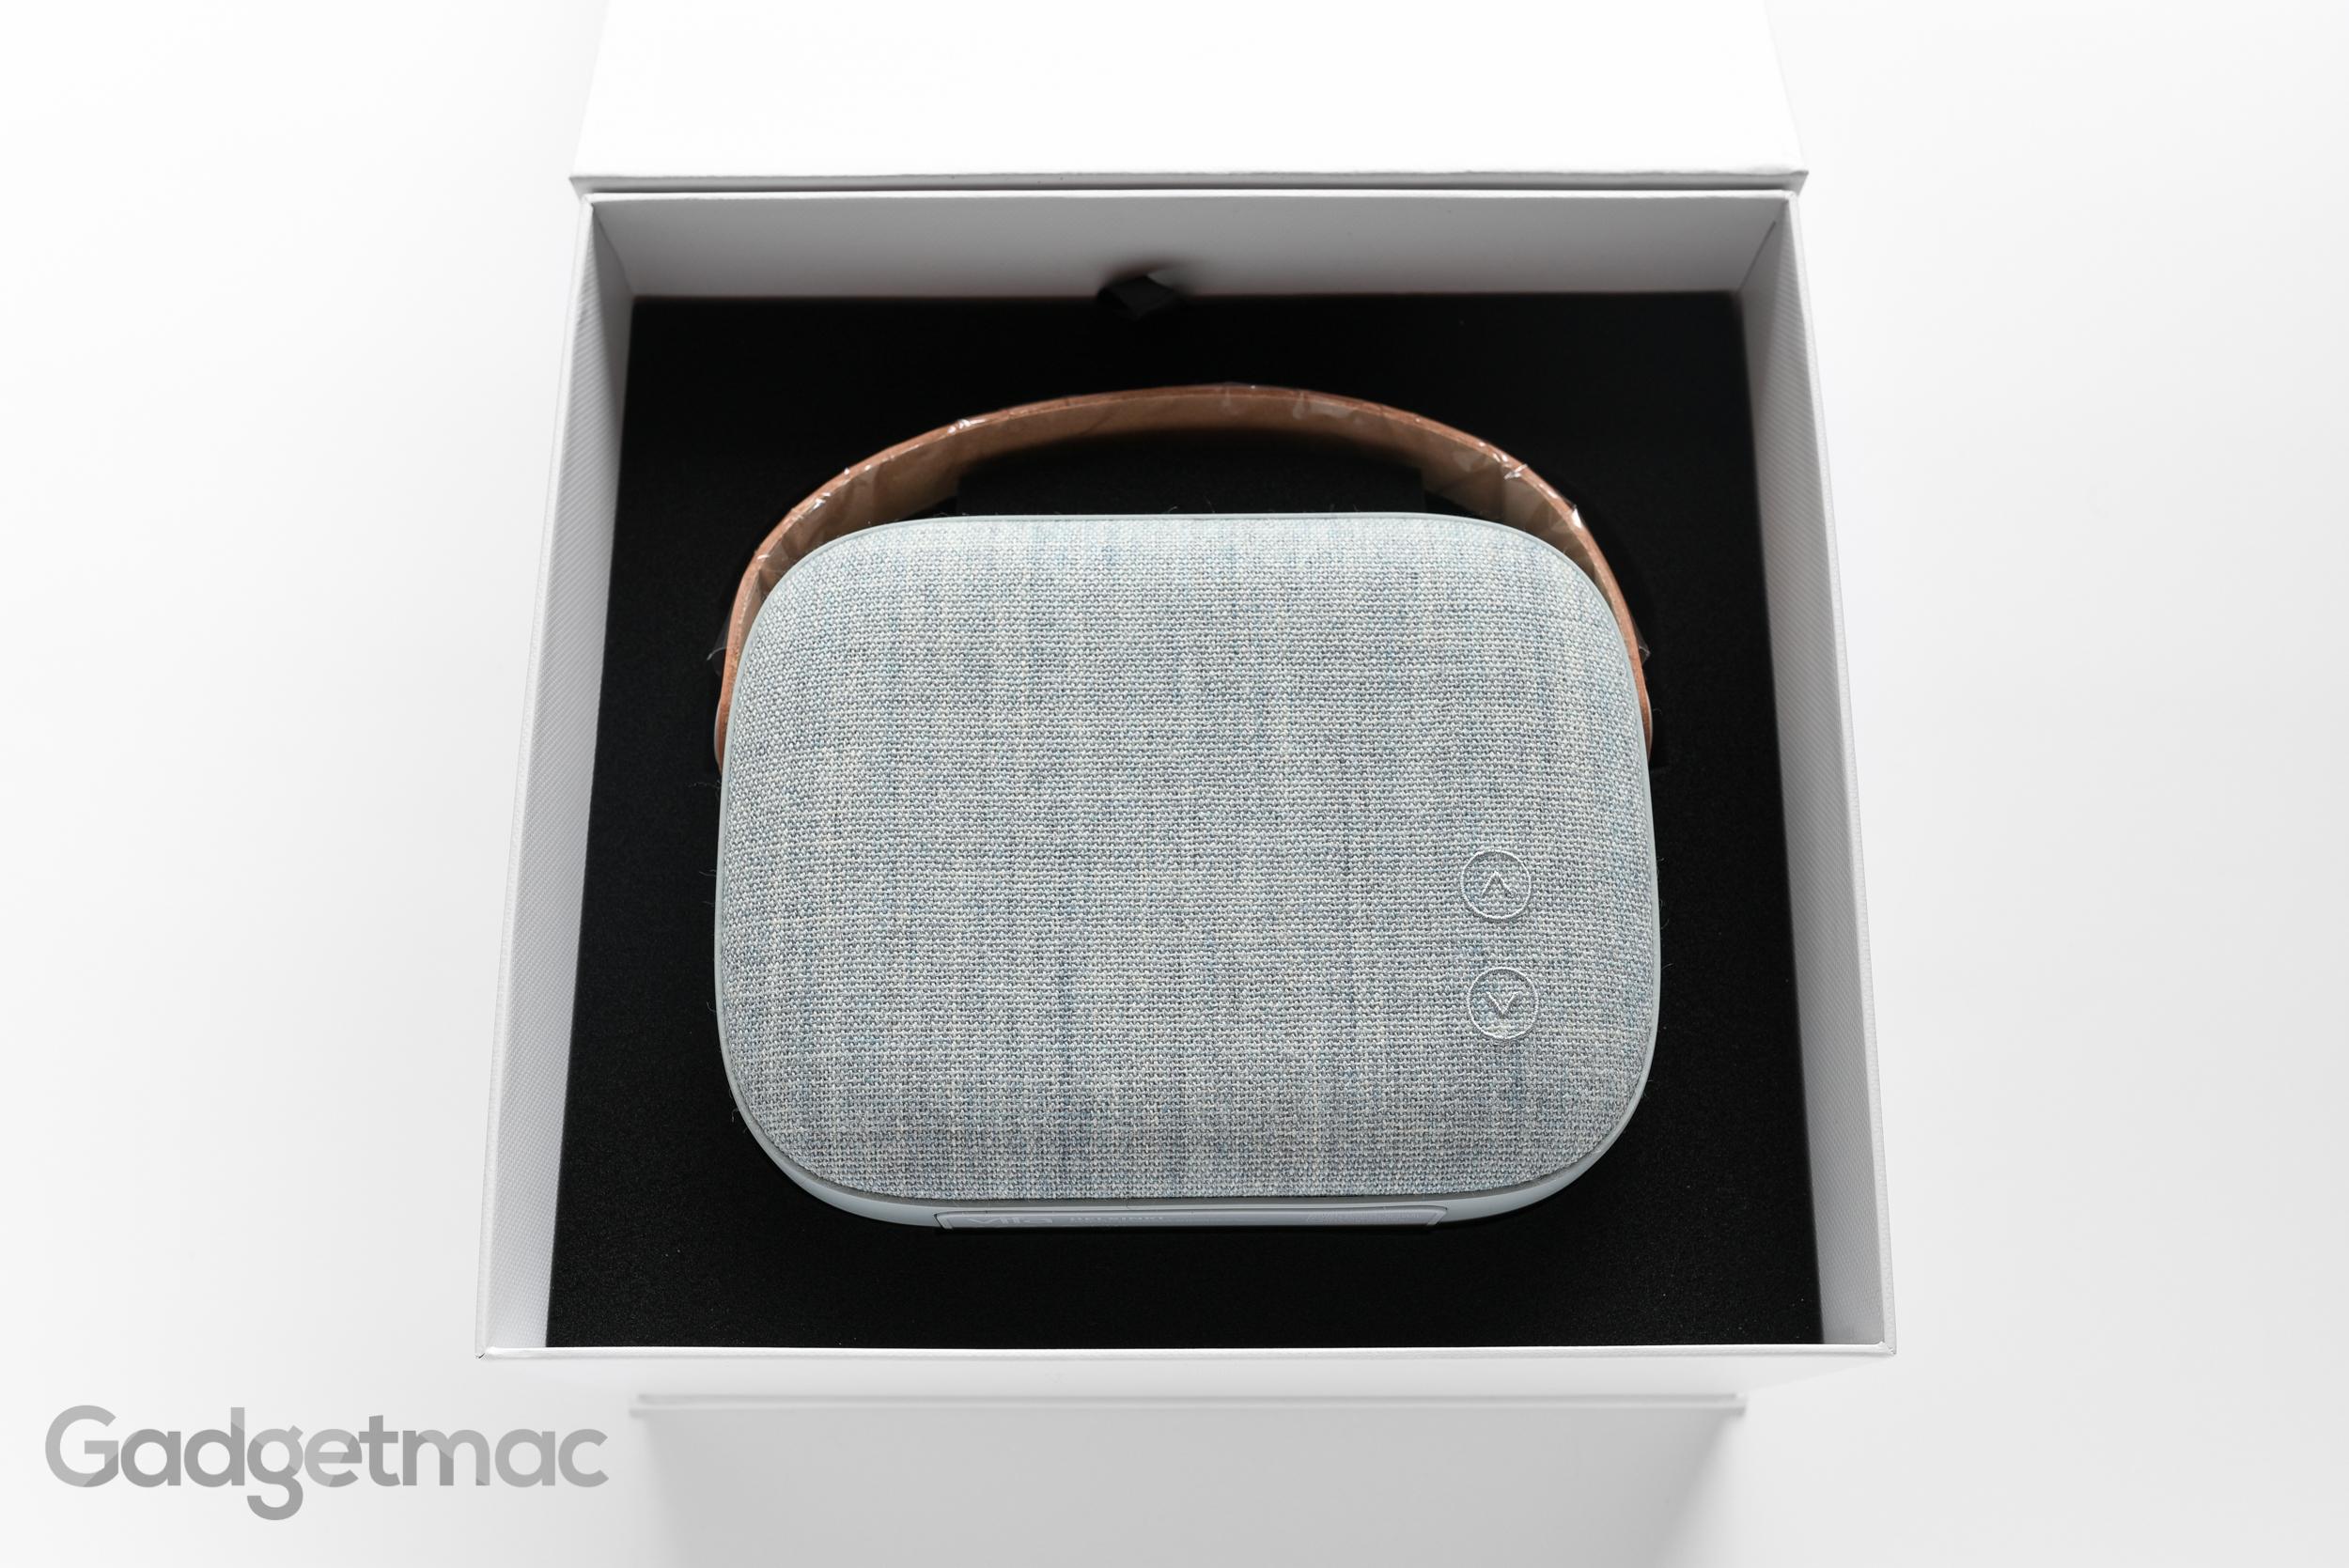 vifa-helsinki-portable-wireless-speaker-unboxing.jpg